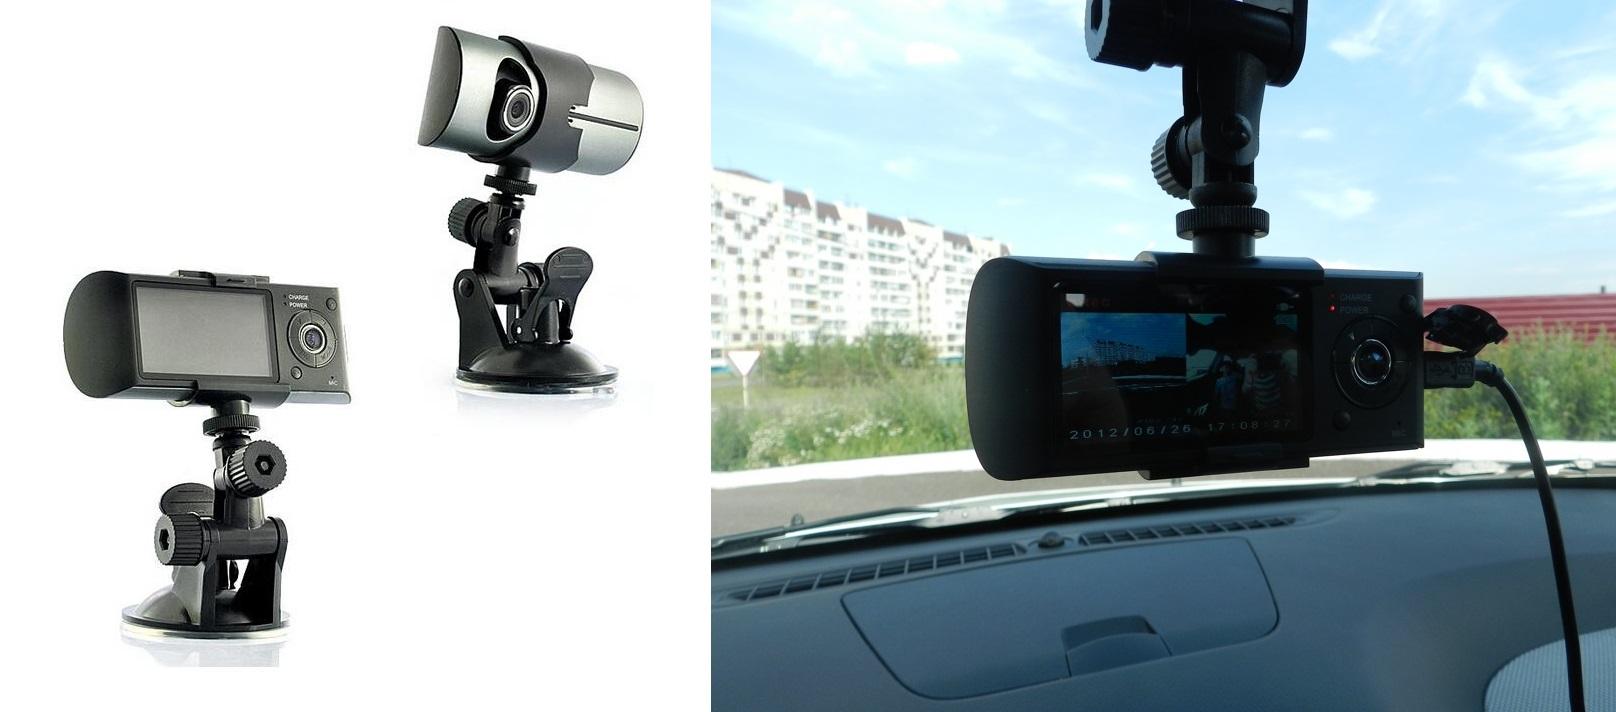 מצלמת דרך דואלית HD ,הכוללת GPS לניתוח מסלול הנסיעה ו-2 מצלמות לתיעוד הנסיעה ולתיעוד פנים הרכב - משלוח חינם - תמונה 3